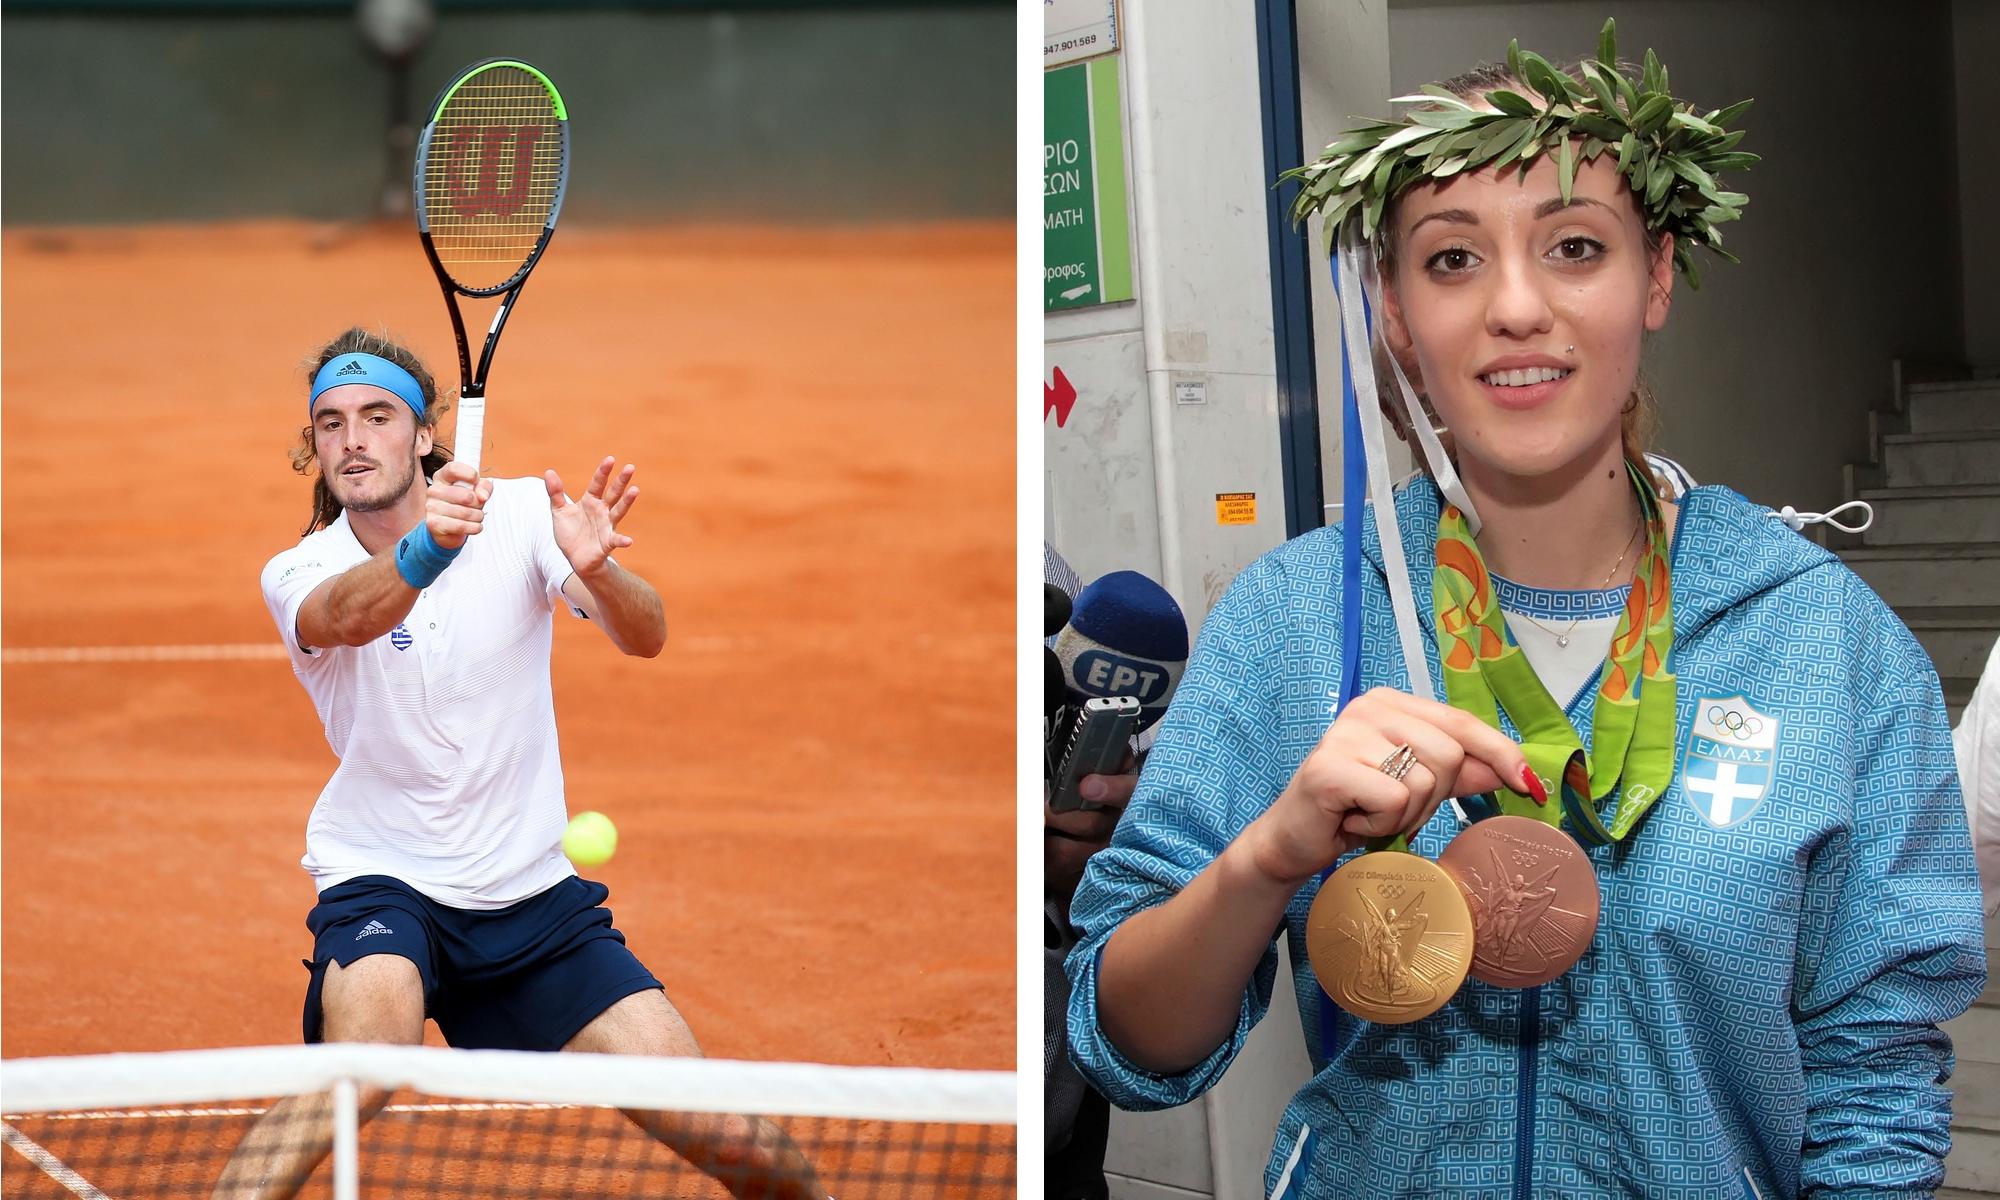 Ολυμπιακοί Αγώνες: Άννα Κορακάκη και Στέφανος Τσιτσιπάς ρίχνονται στη «μάχη» από τα ξημερώματα της Κυριακής